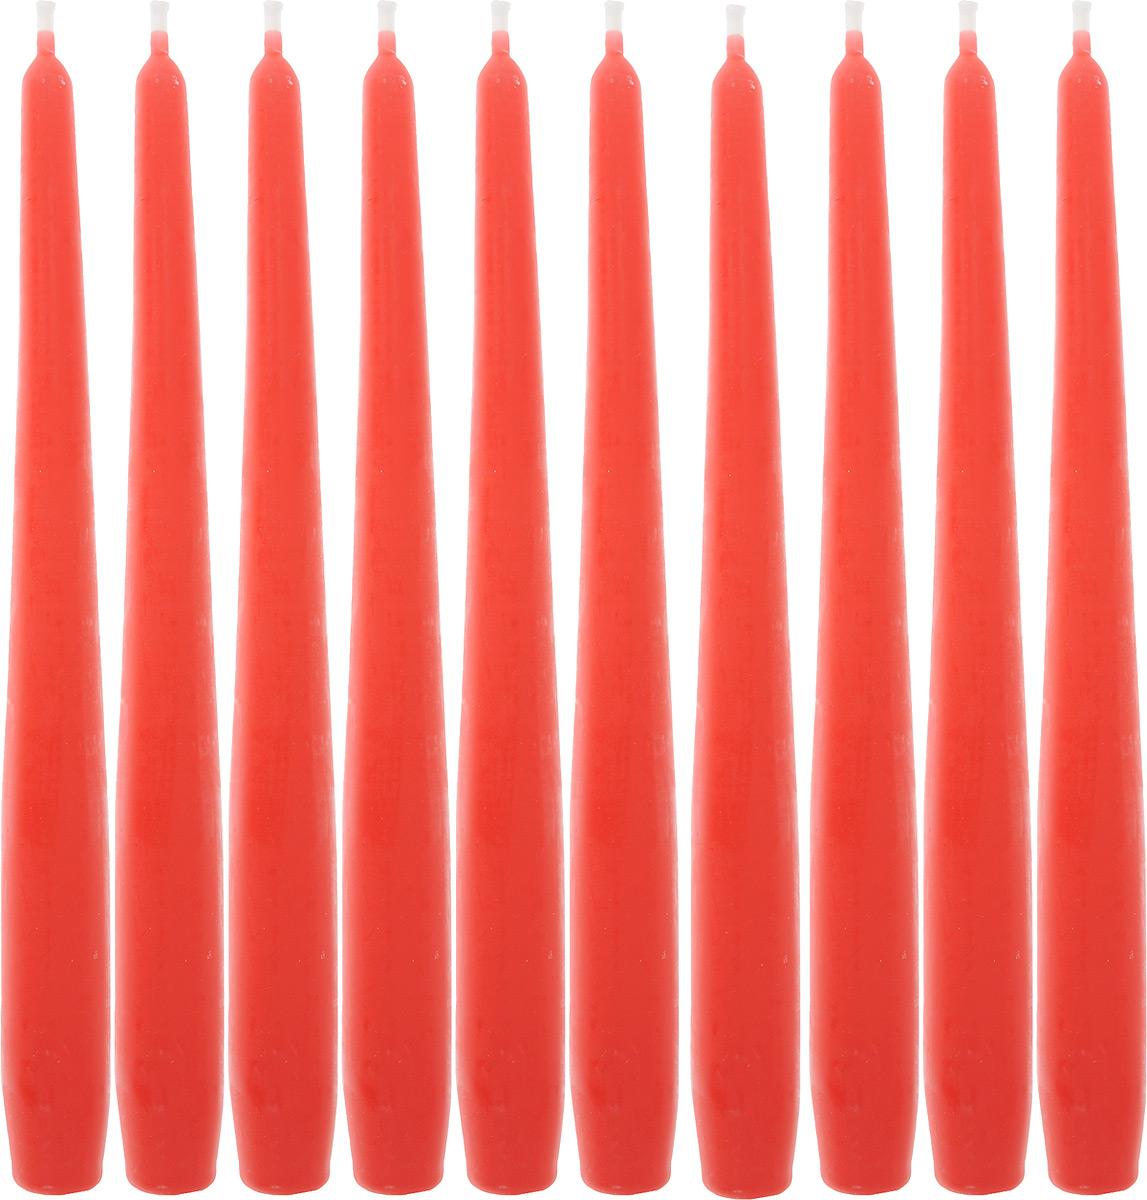 Набор свечей Омский cвечной завод, цвет: красный, высота 24 см, 10 шт331119/001918Набор Омский cвечной завод состоит из 10 свечей, изготовленных из парафина и хлопчатобумажной нити. Такие свечи создадут атмосферу таинственности и загадочности и наполнят ваш дом волшебством и ощущением праздника. Хороший сувенир для друзей и близких. Примерное время горения: 7 часов. Высота: 24 см. Диаметр: 2 см.